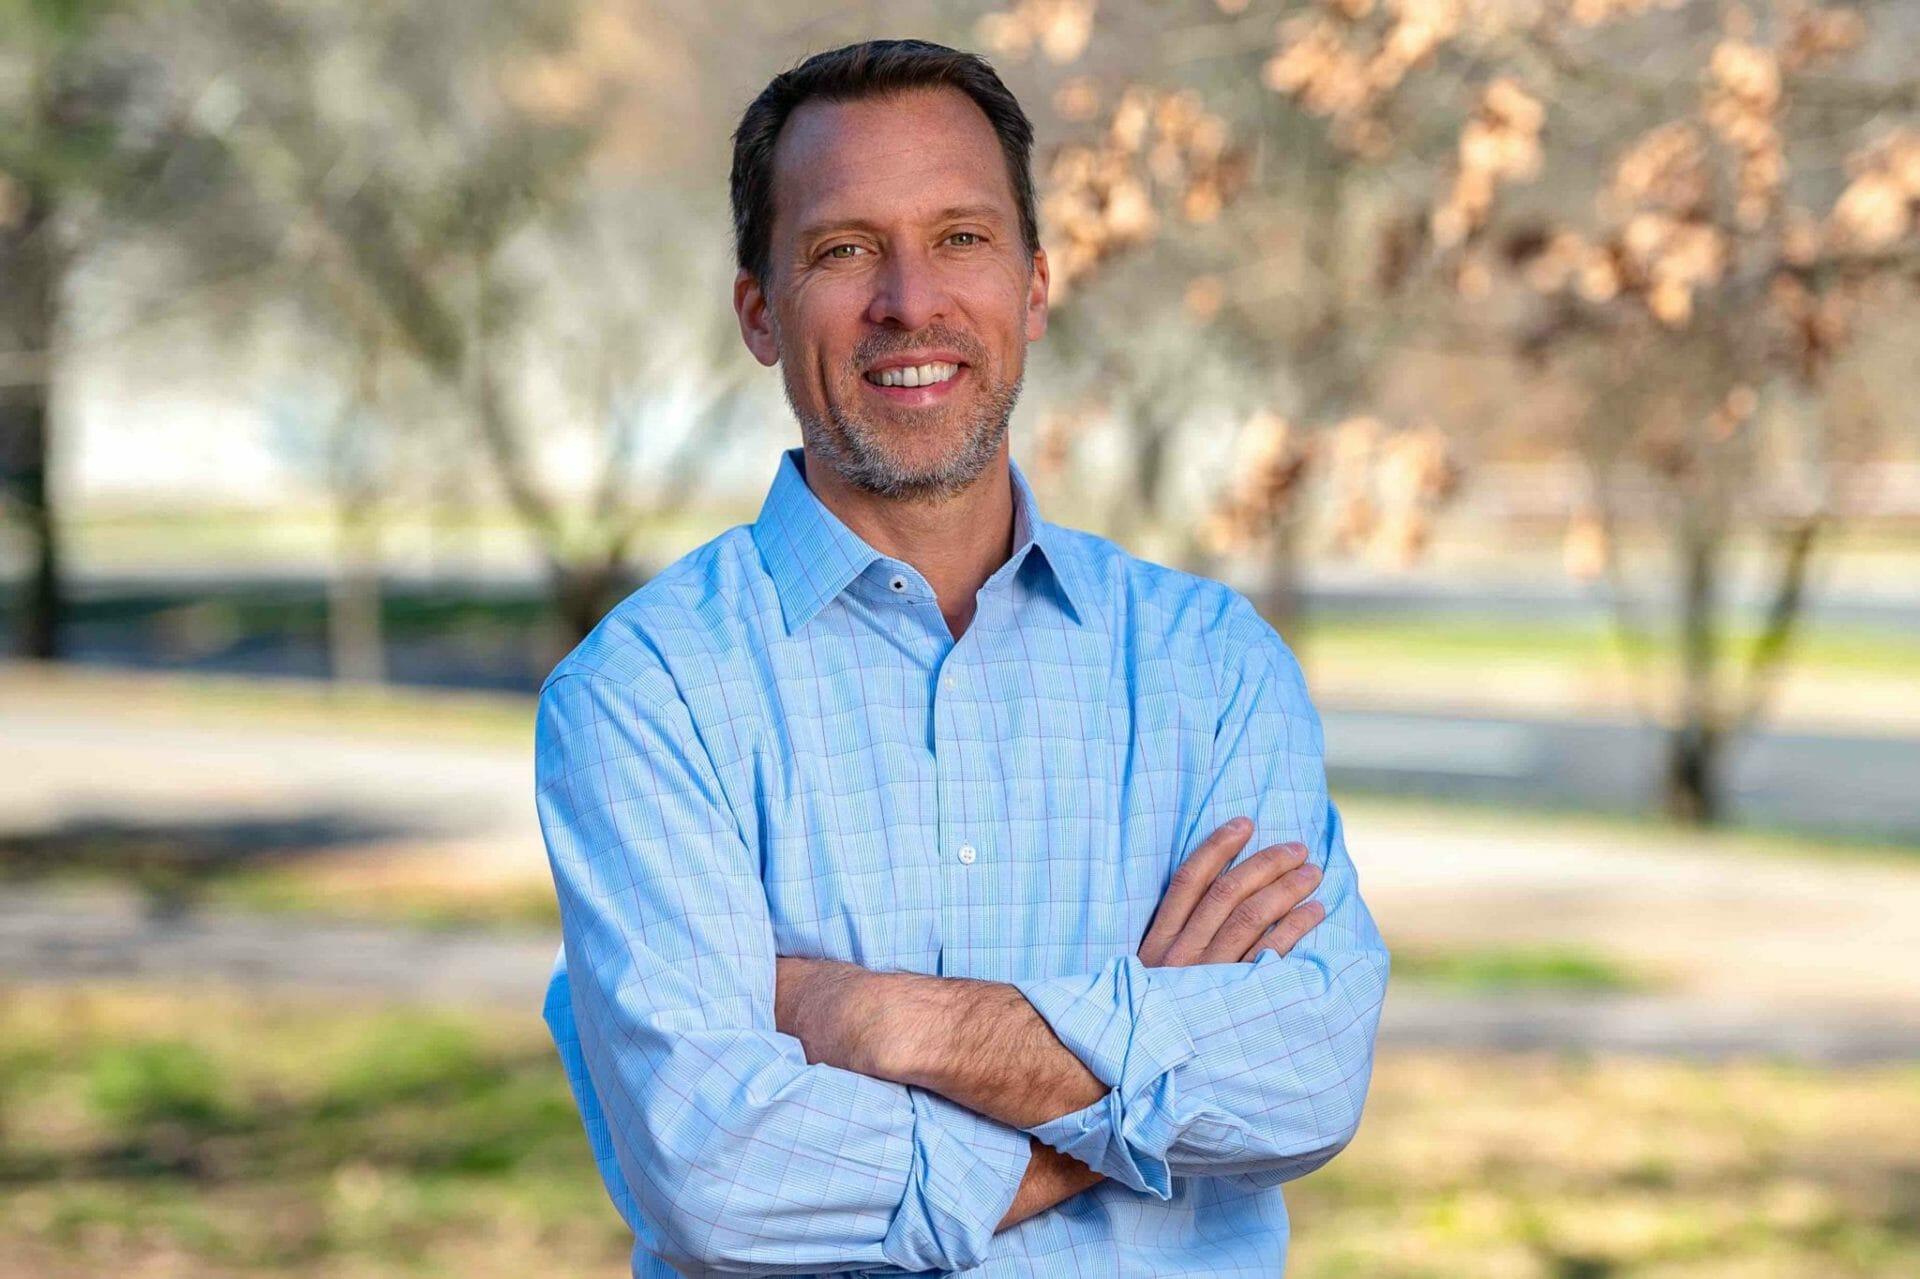 Doug Shipman